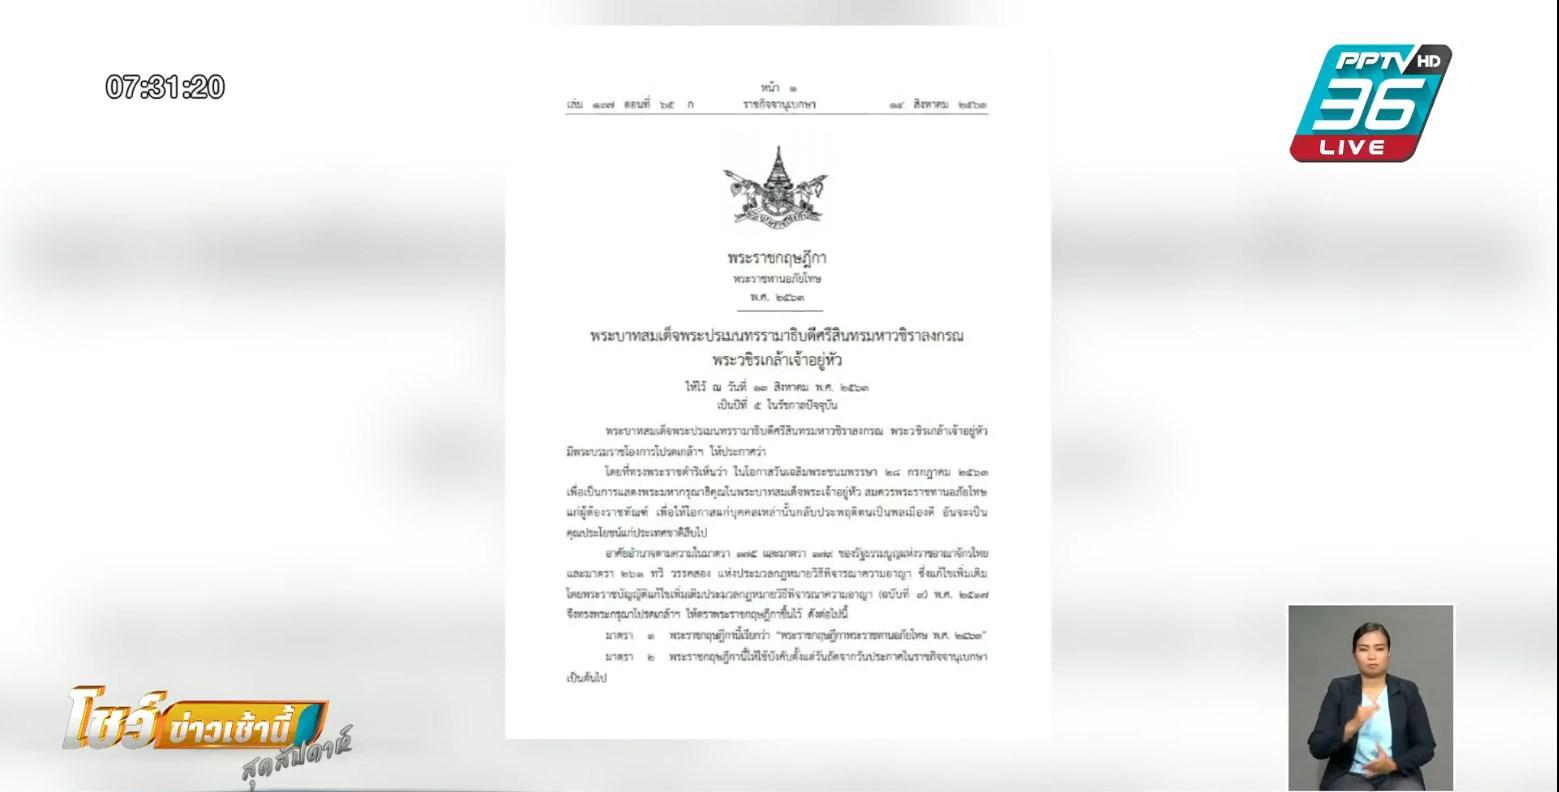 เปิดชื่อคนดัง-นักการเมือง ได้รับพระราชทานอภัยโทษ-ลดโทษ